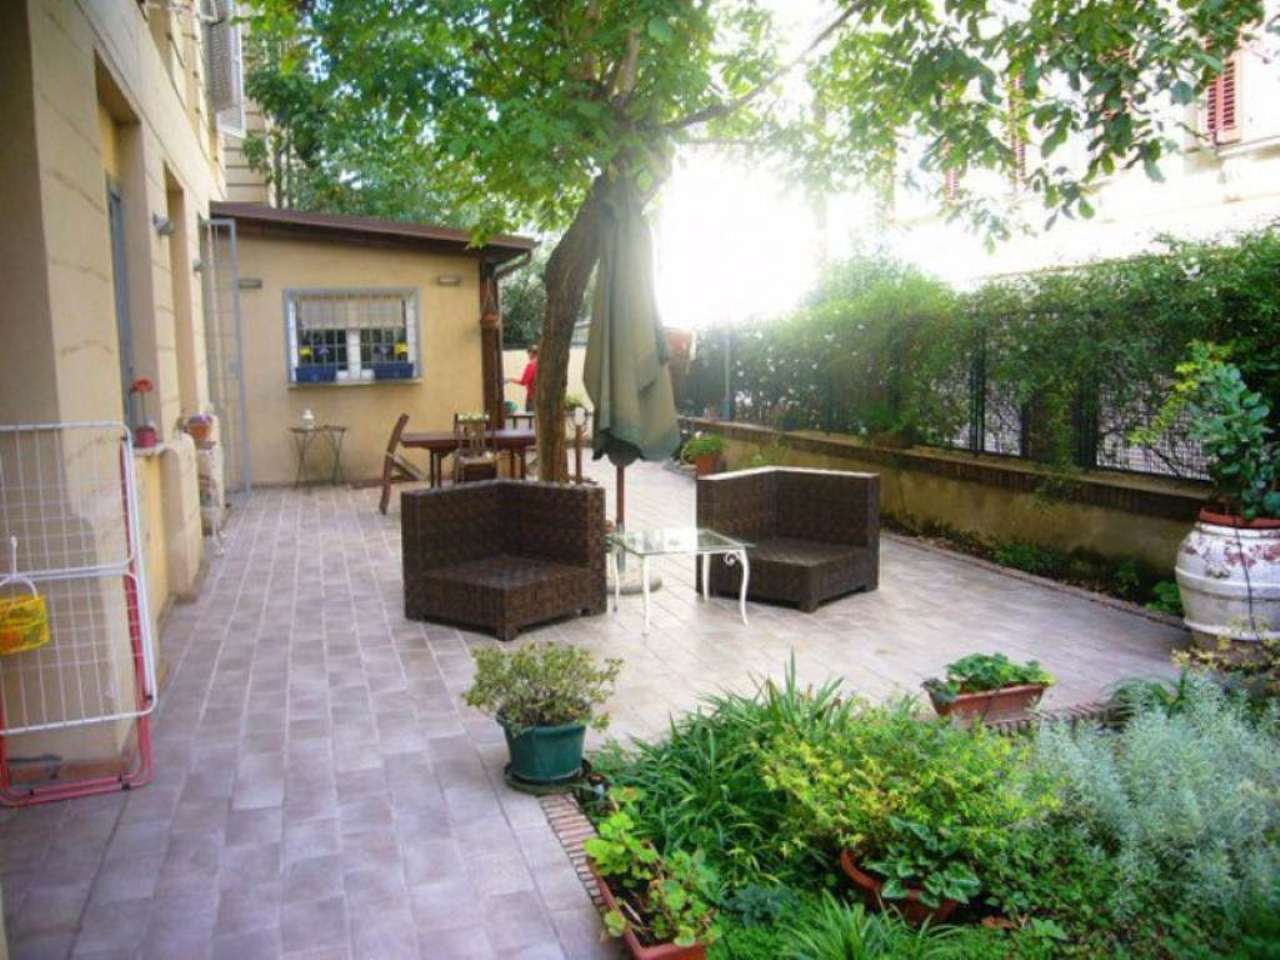 Appartamento in Vendita a Roma 02 Parioli / Pinciano / Flaminio: 5 locali, 110 mq